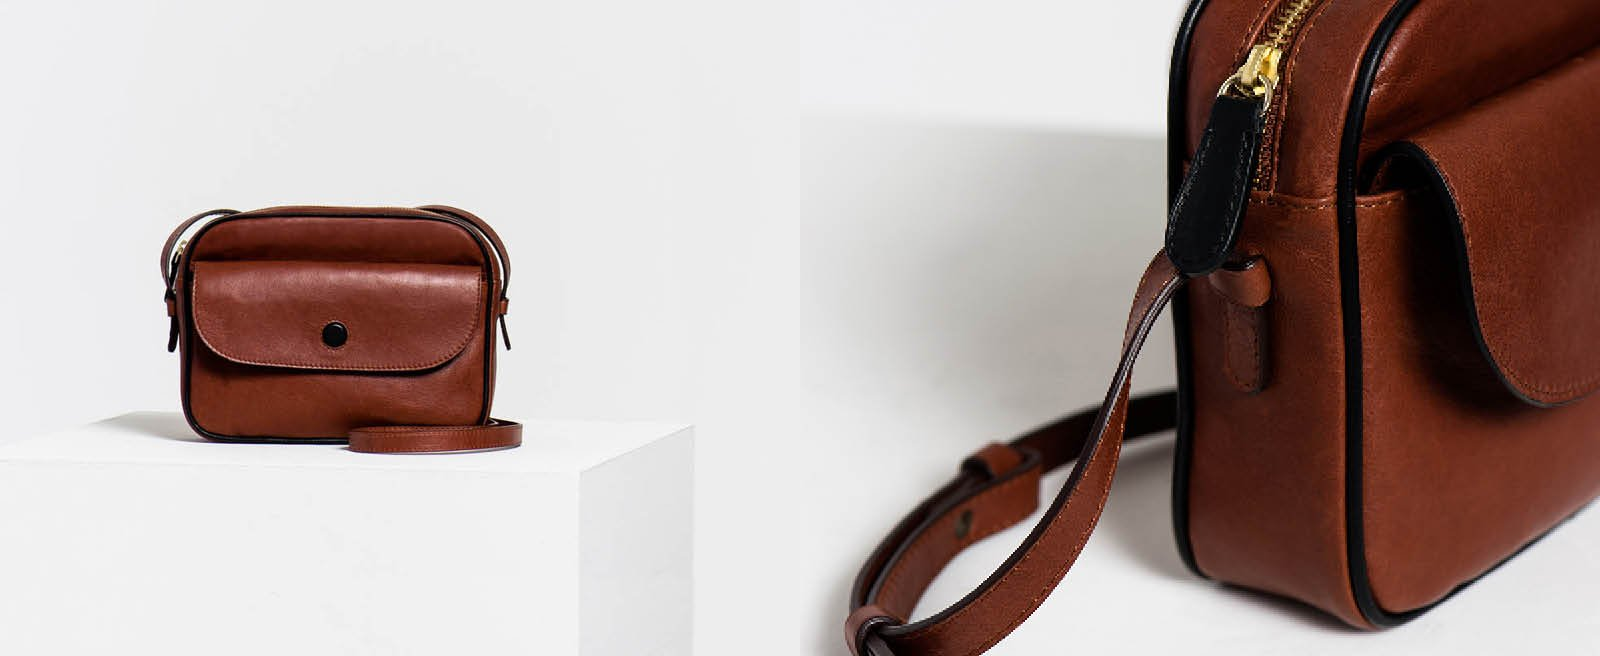 Magasin Gerard Darel Toulouse - Nailloux Outlet Village : Découvrez la collection de prêt-à-porter, maroquinerie et accessoires de Gerard Darel à prix outlet.